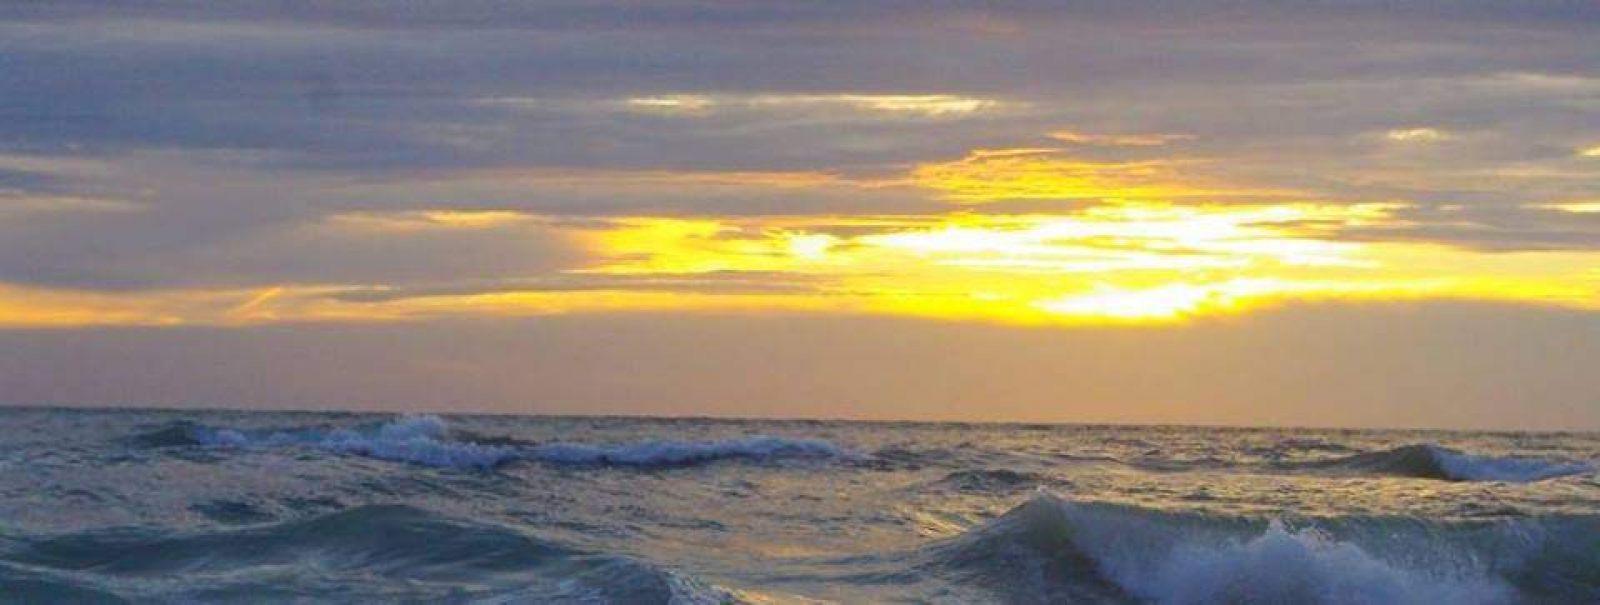 Hibiscus & Nomada : Florida - Sunrise